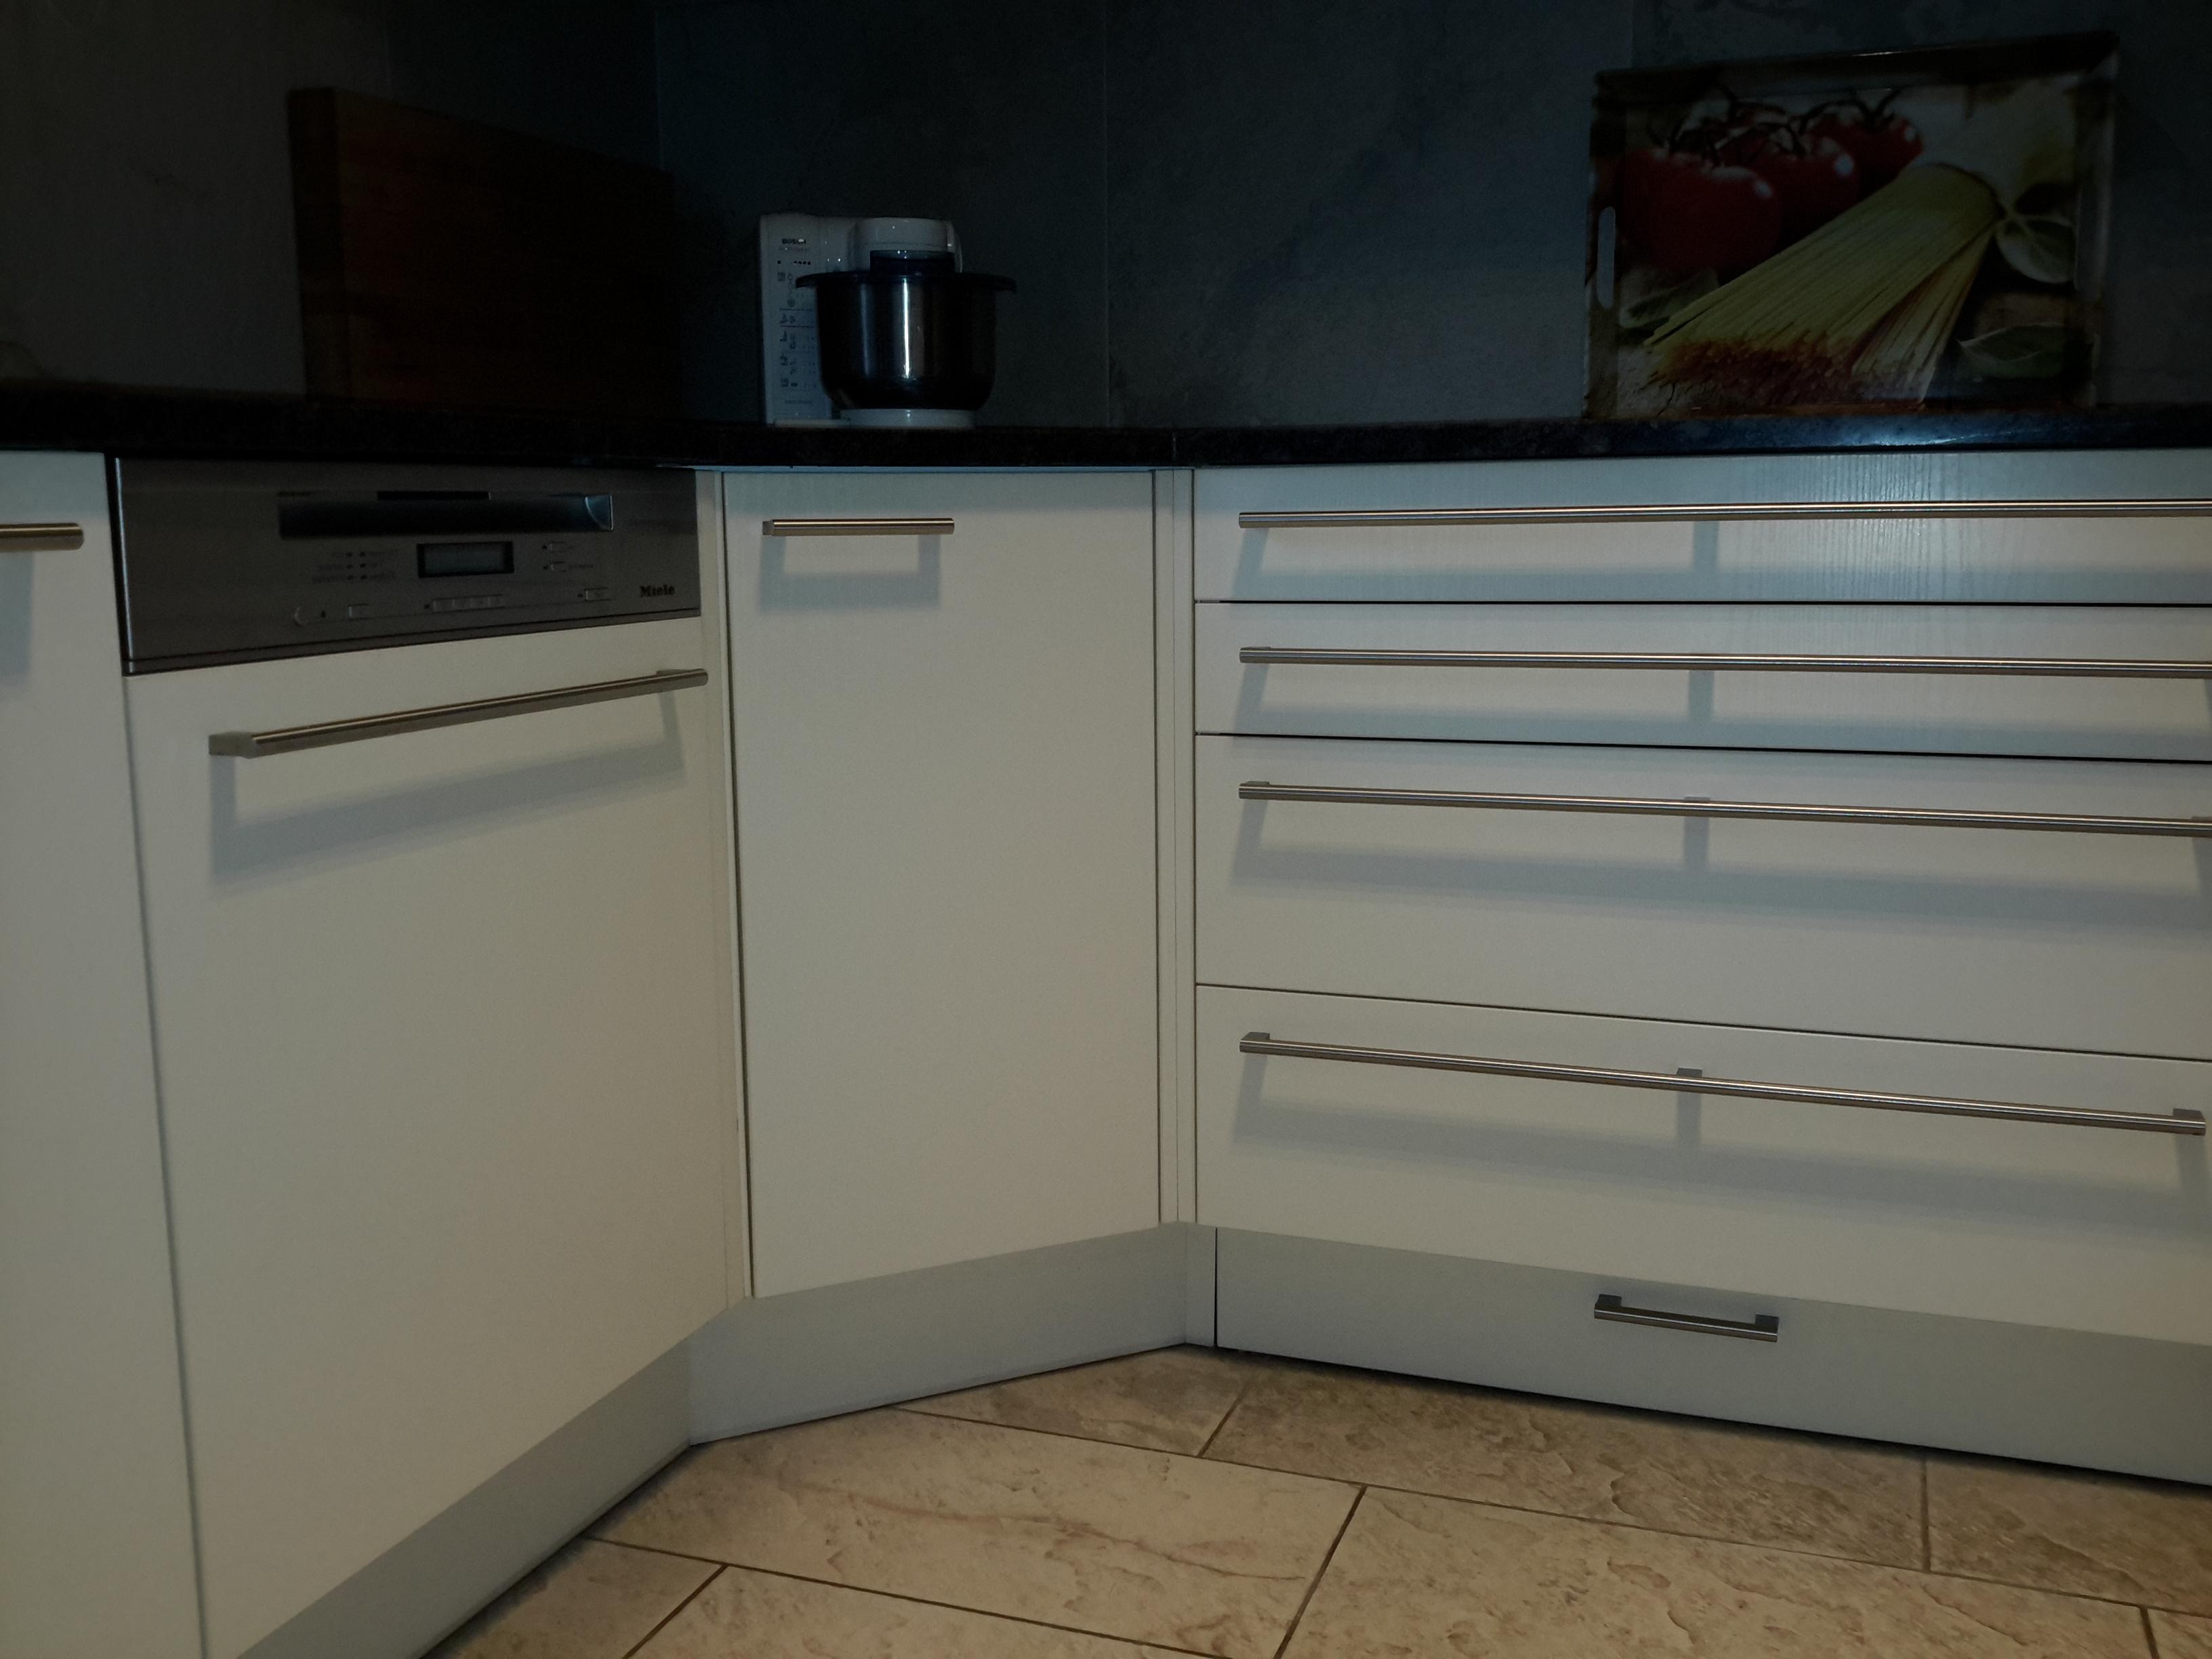 20 funvit com bett ablagebox ikea funvit com haus design funvit com bett ablagebox ikea. Black Bedroom Furniture Sets. Home Design Ideas